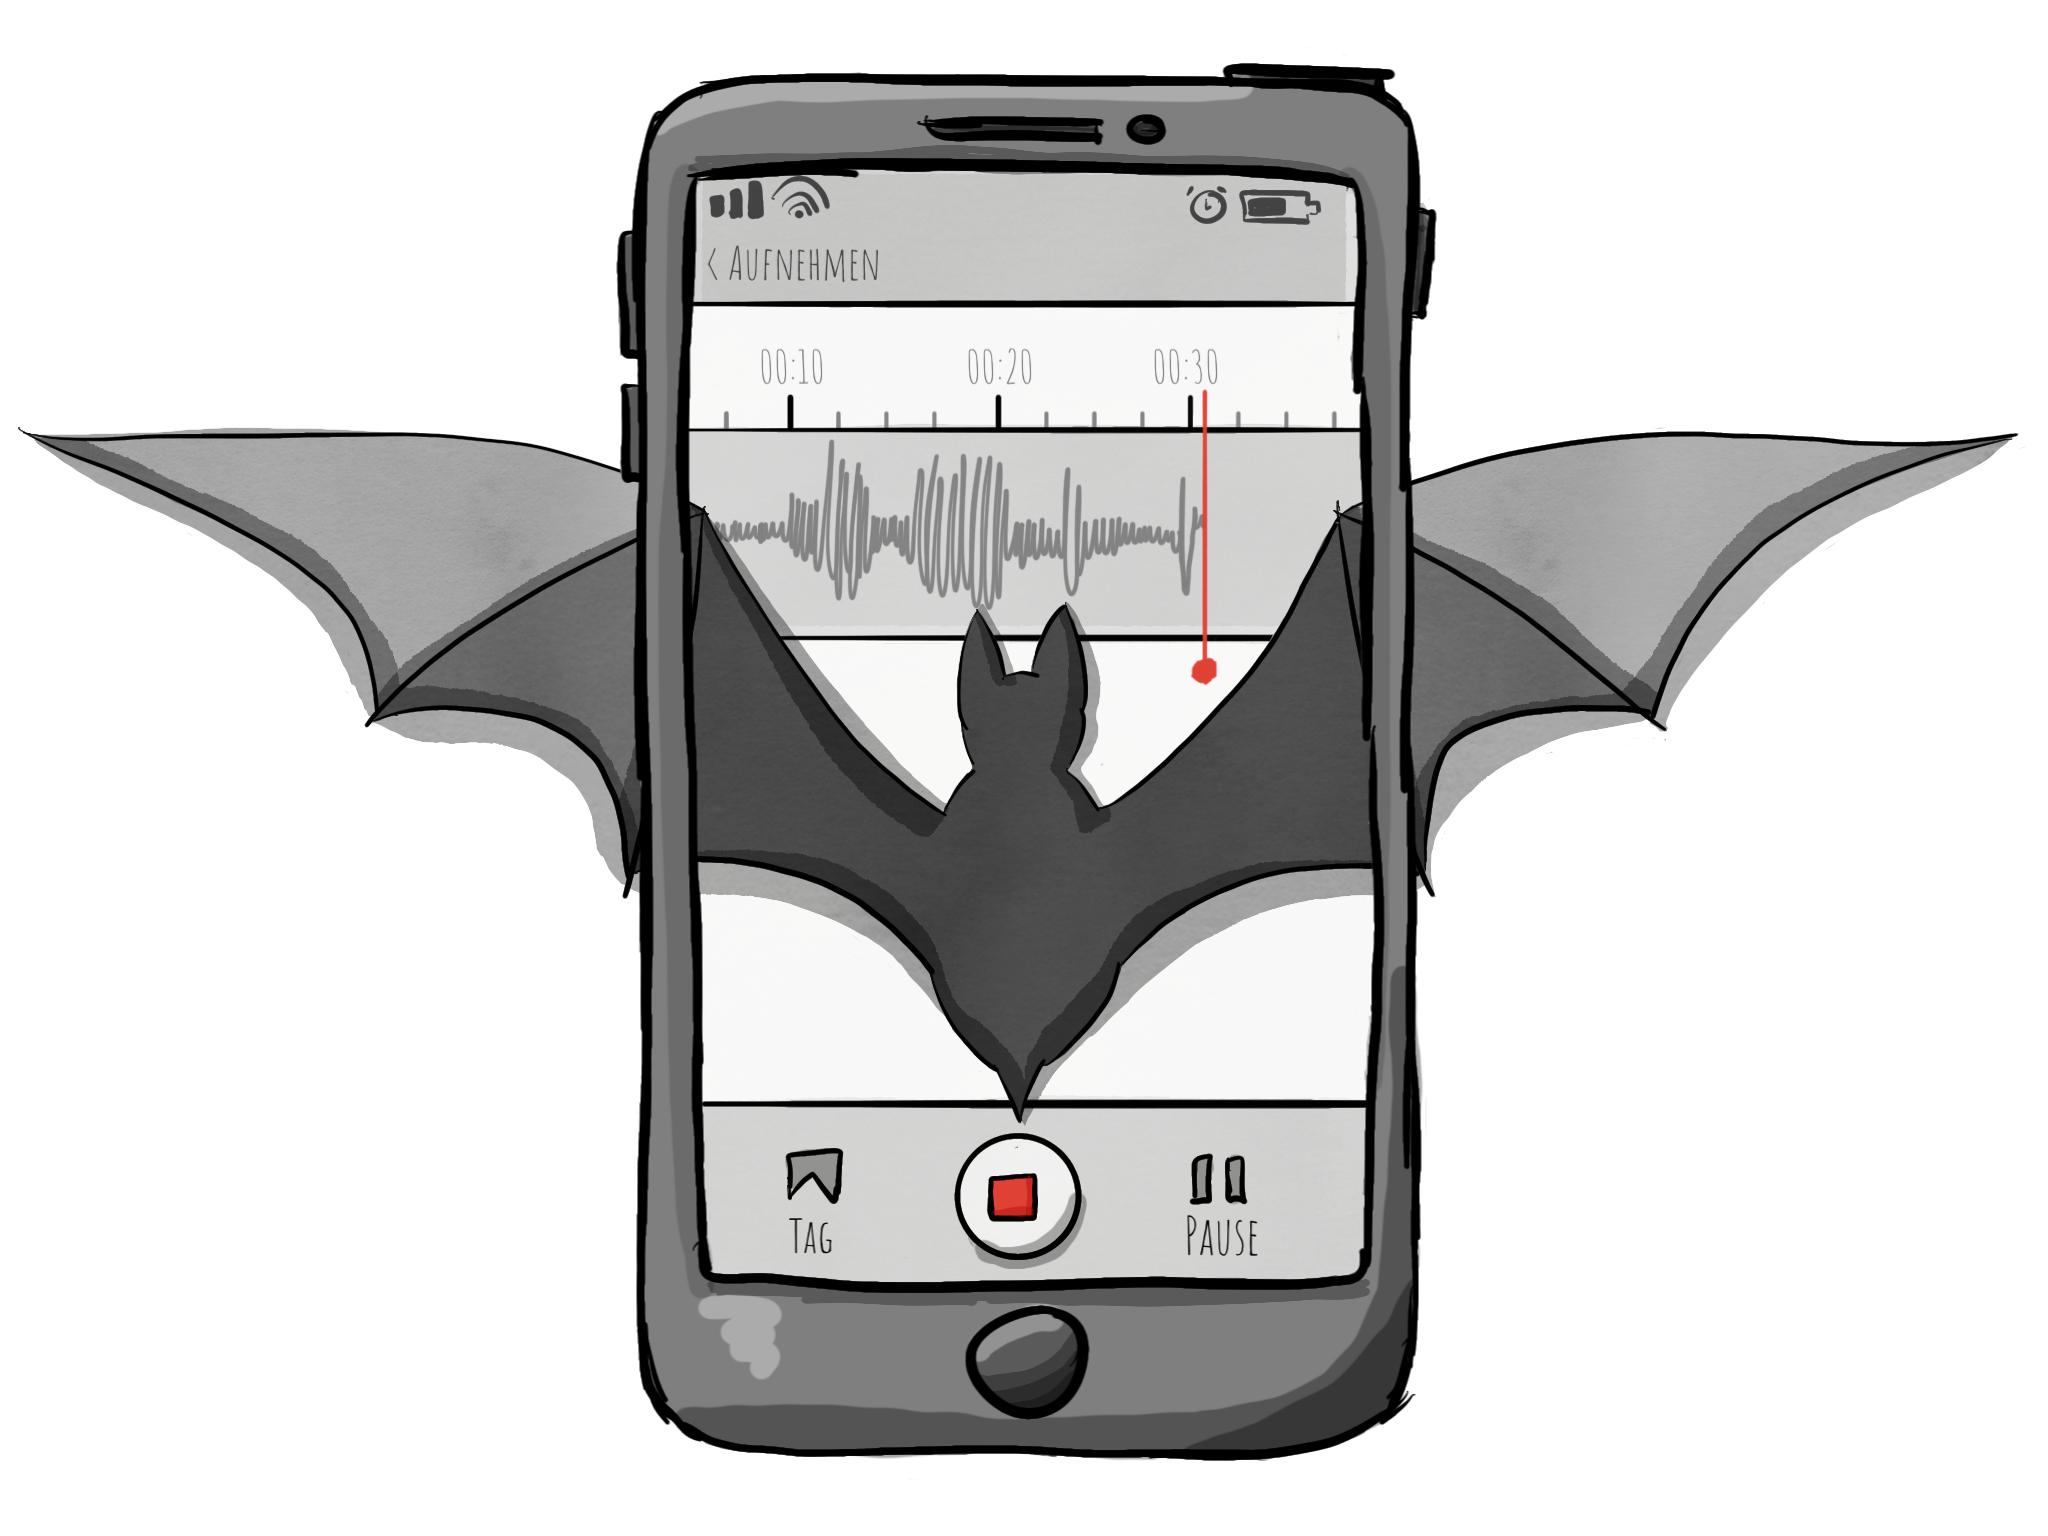 Gruselgeschichten-Hörspiele: Eine Sequenz zum Erzählen